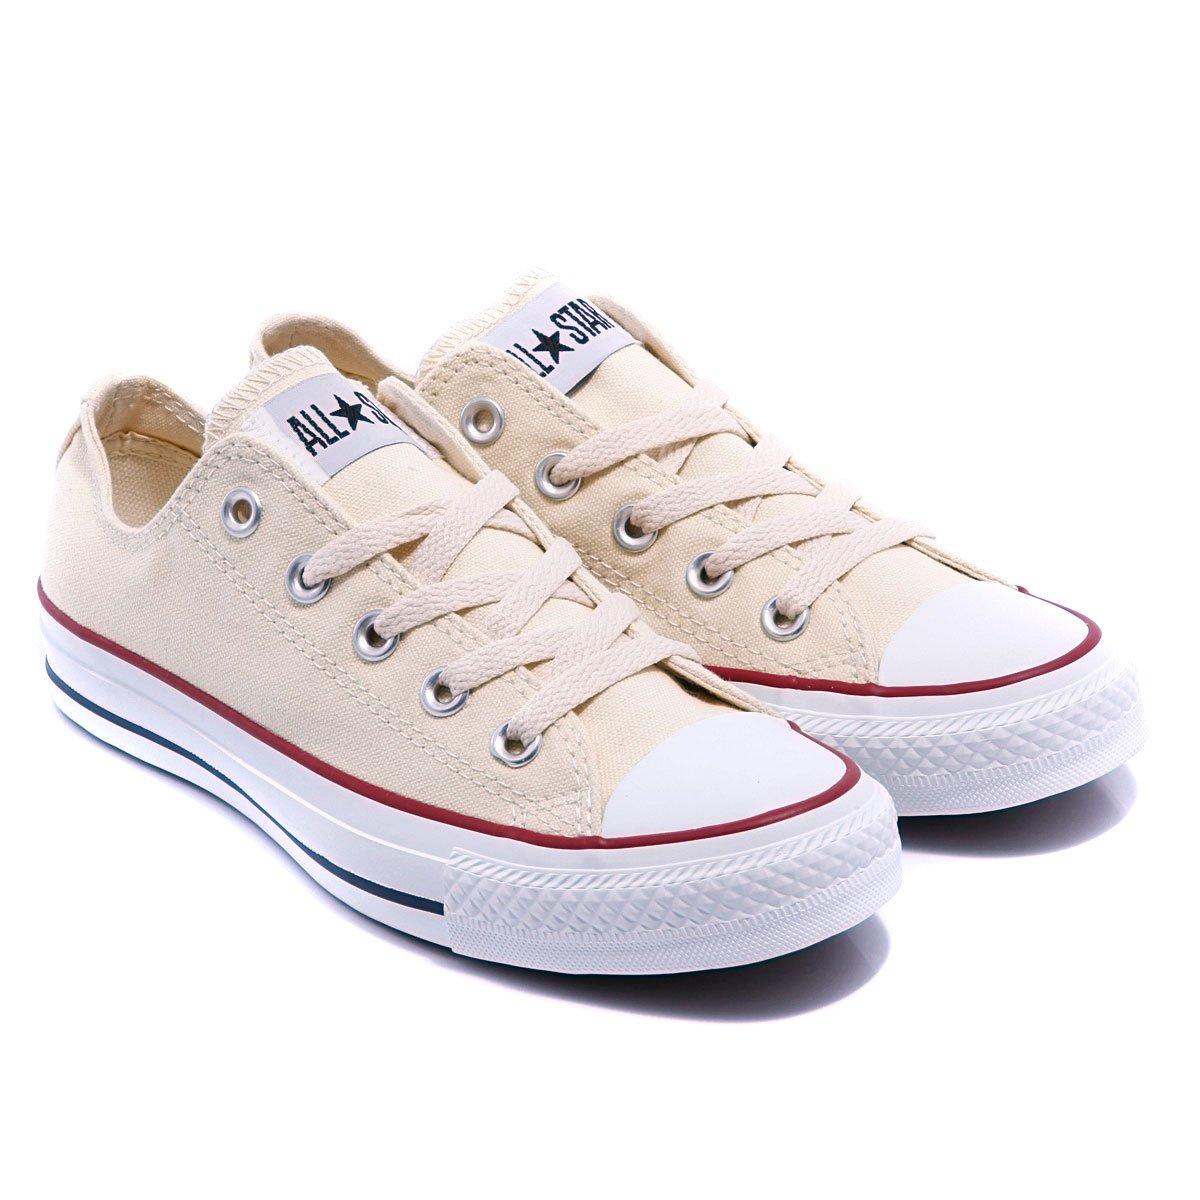 Распродажа Брендовой Одежды И Обуви